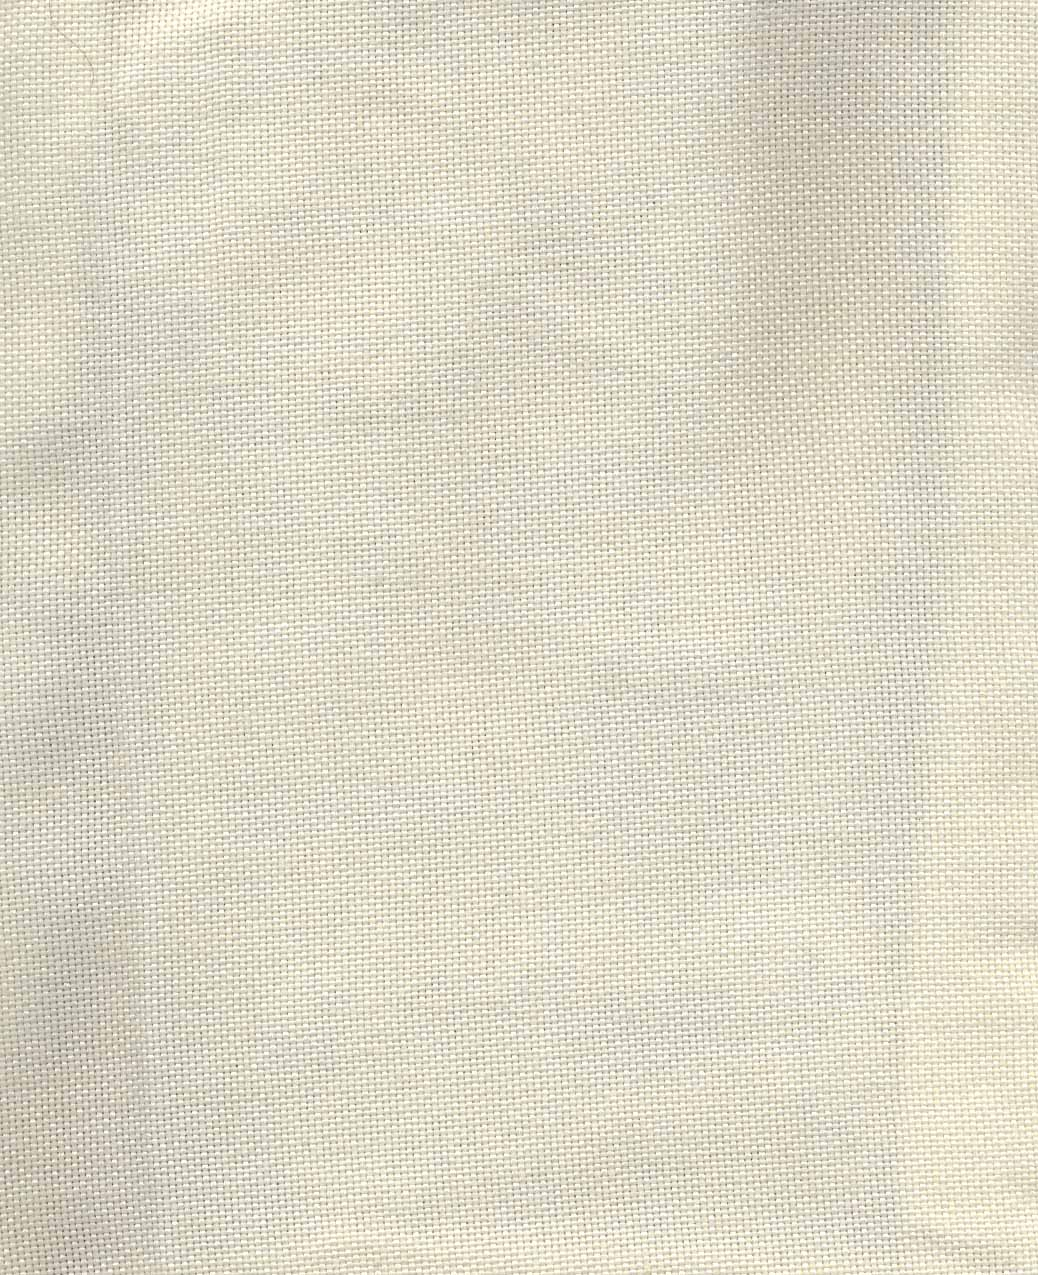 کیف پارچه ای 28*22 (طرح گربه،کد 720)